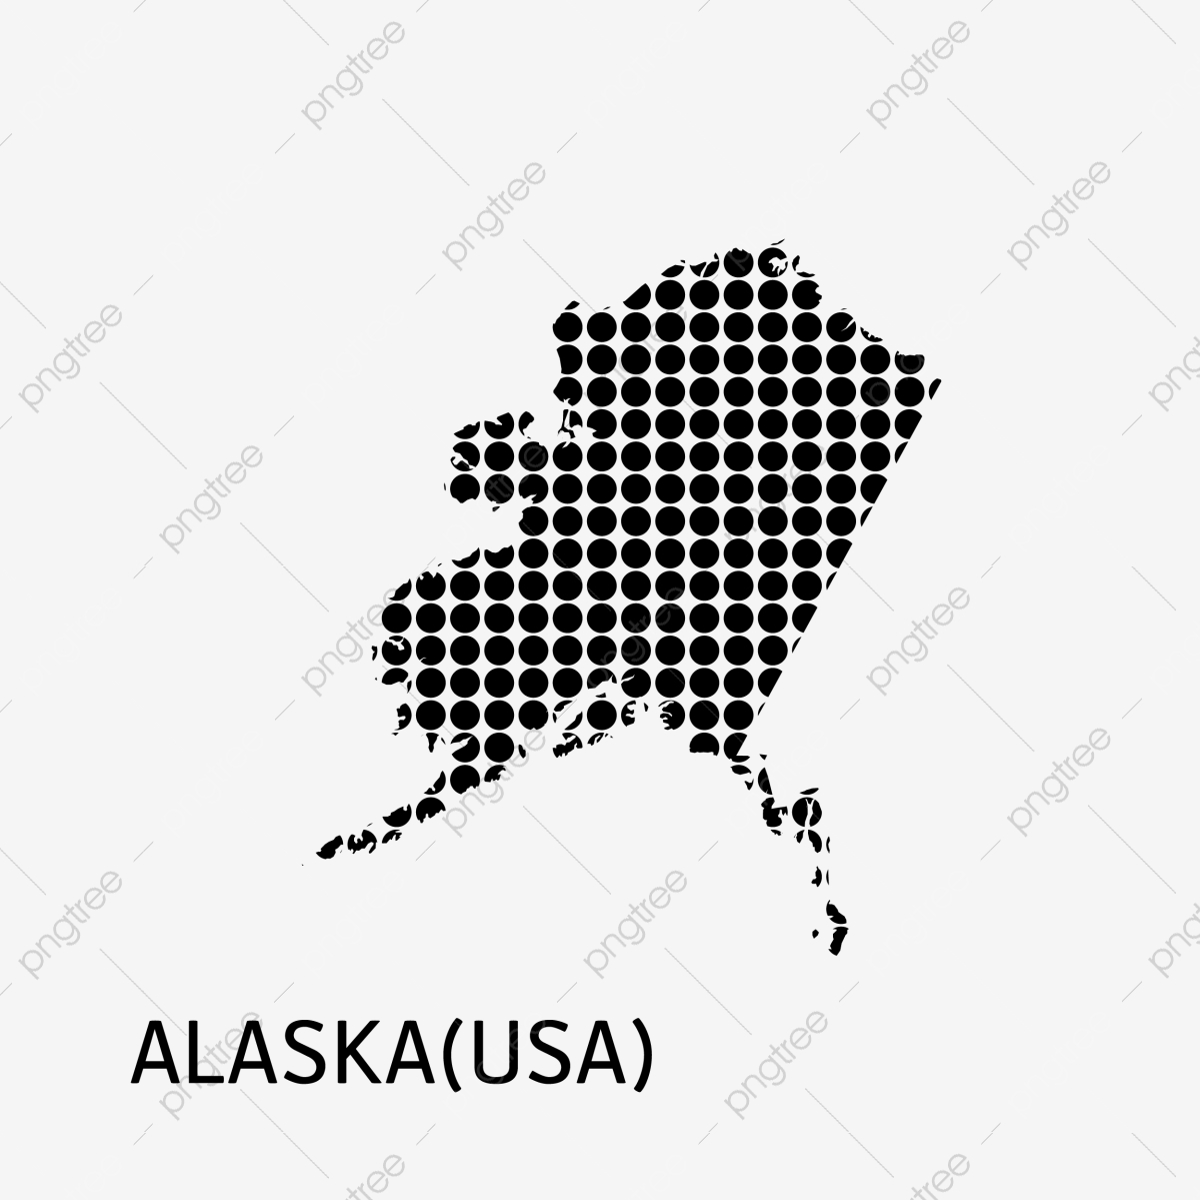 Alaska Usa Map Icon, Alaska, Usa, Map PNG and Vector with ...